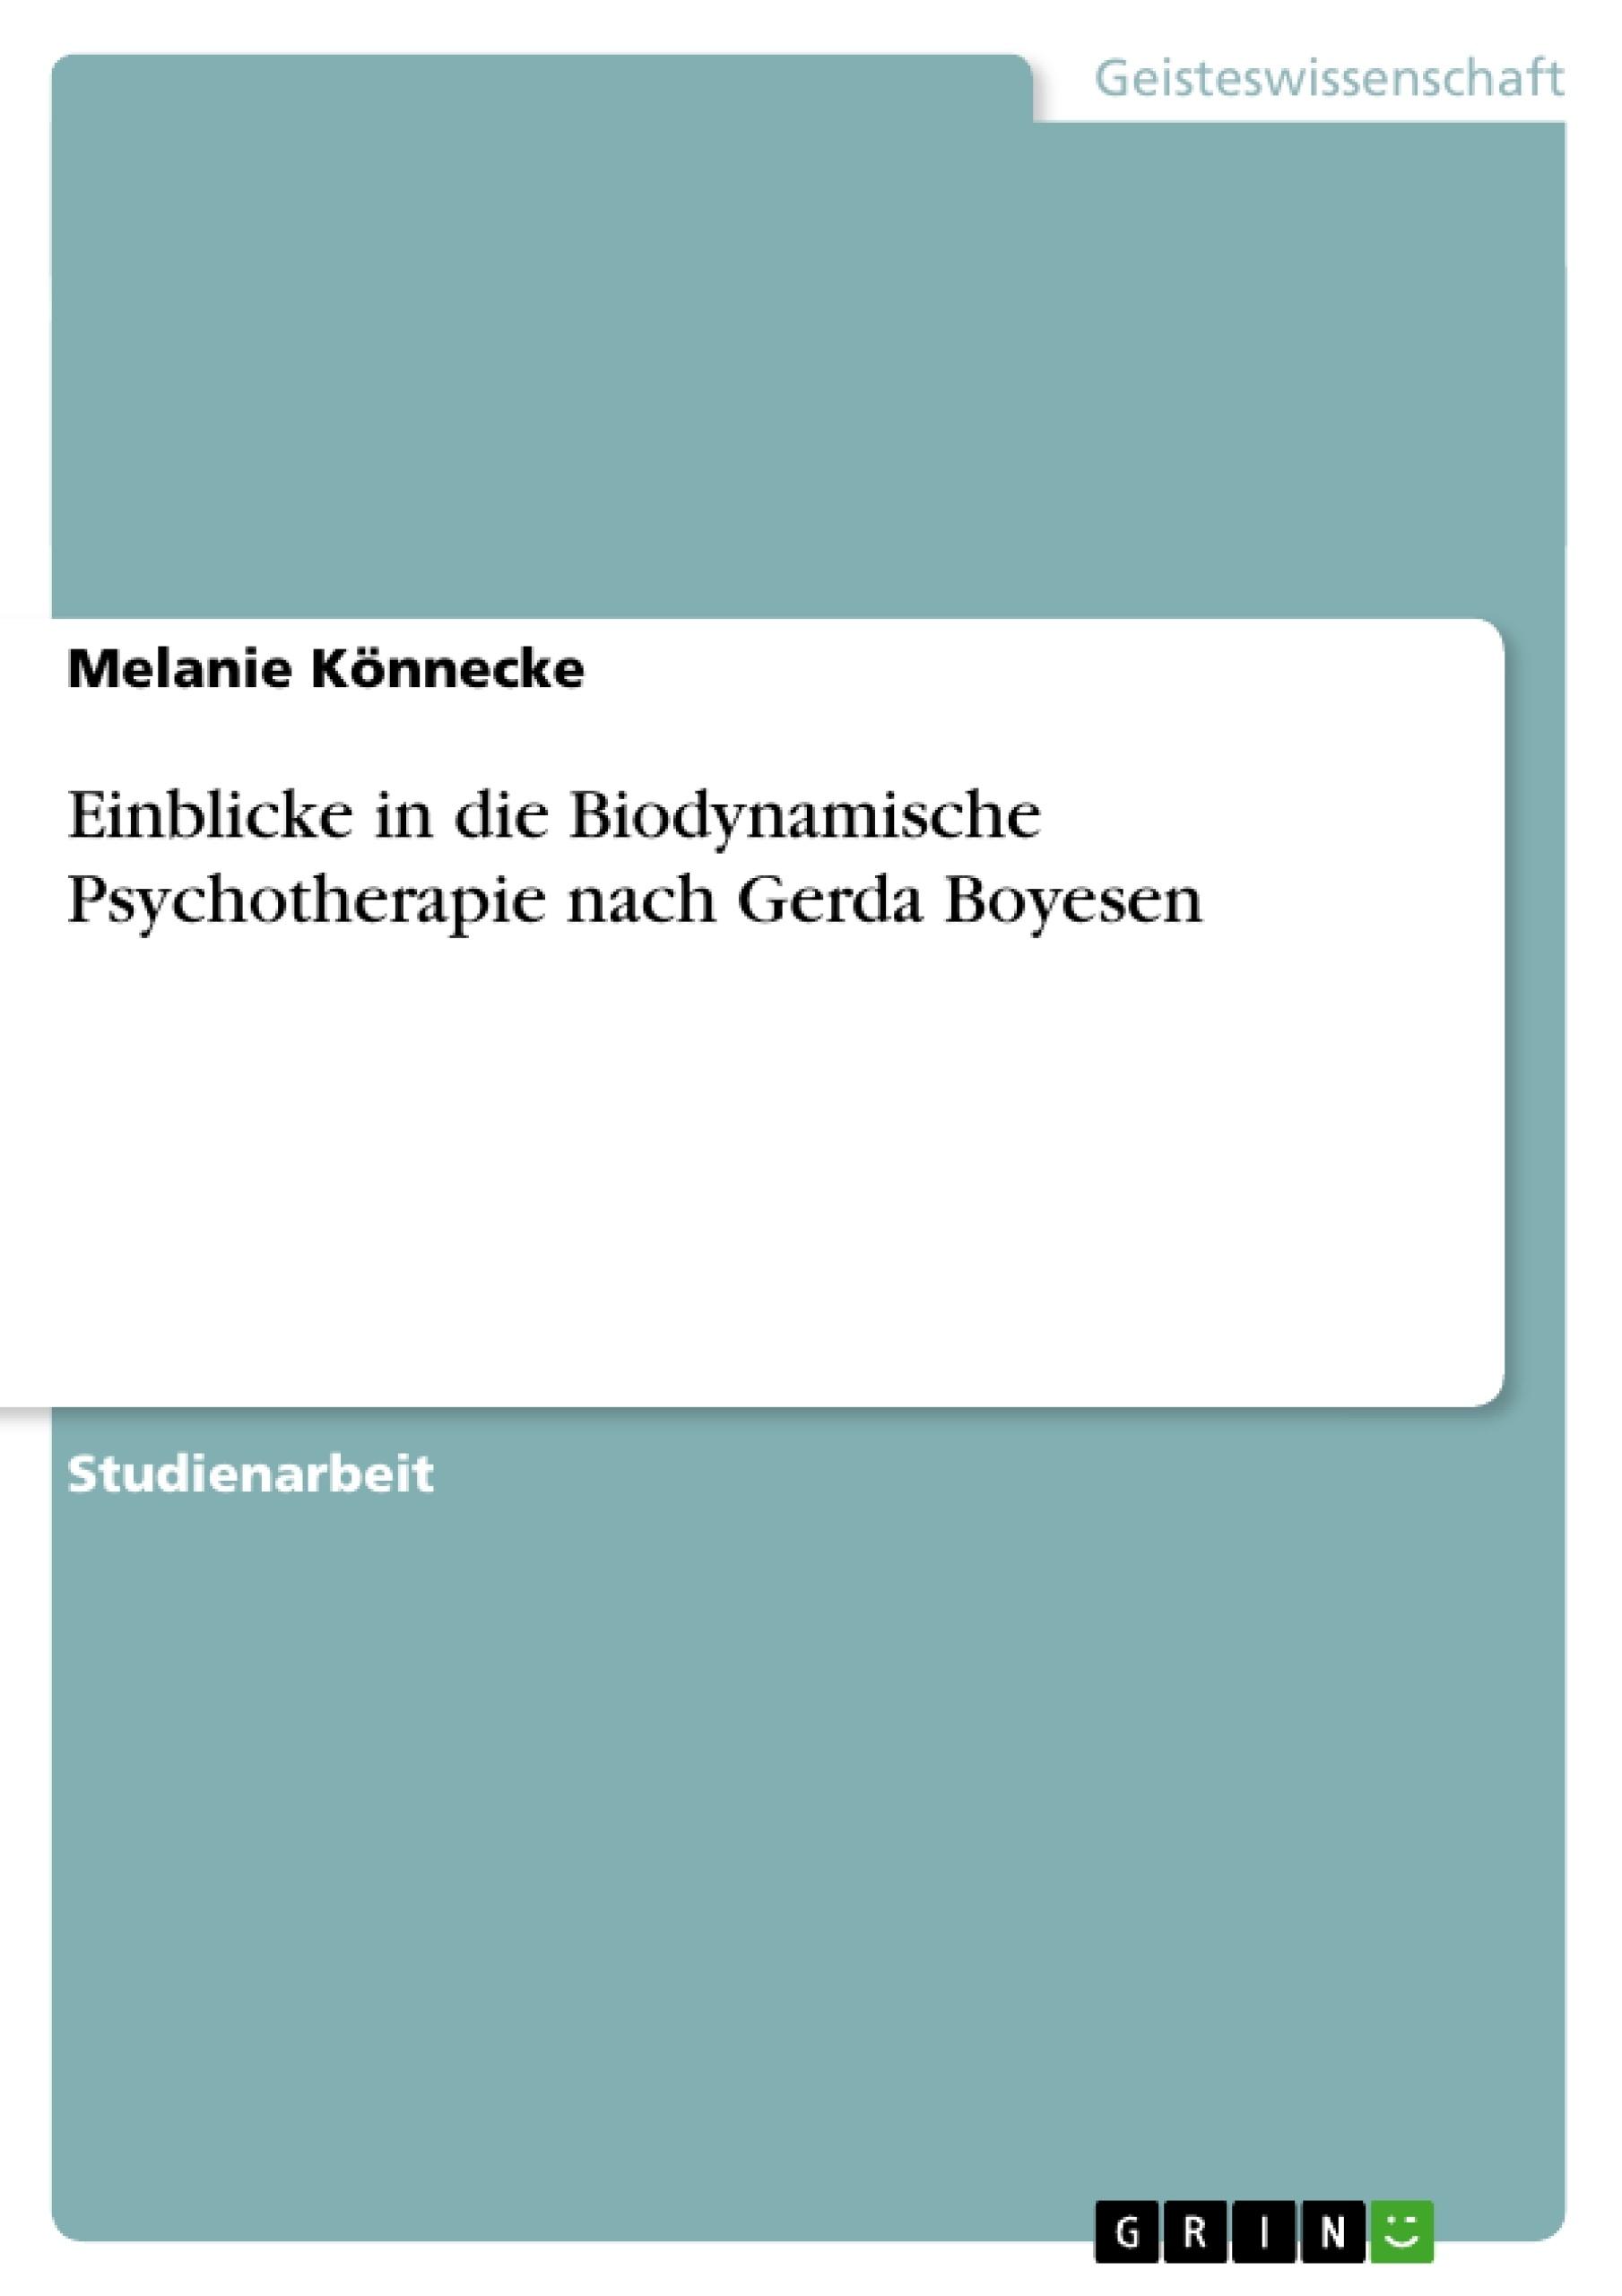 Titel: Einblicke in die Biodynamische Psychotherapie  nach Gerda Boyesen